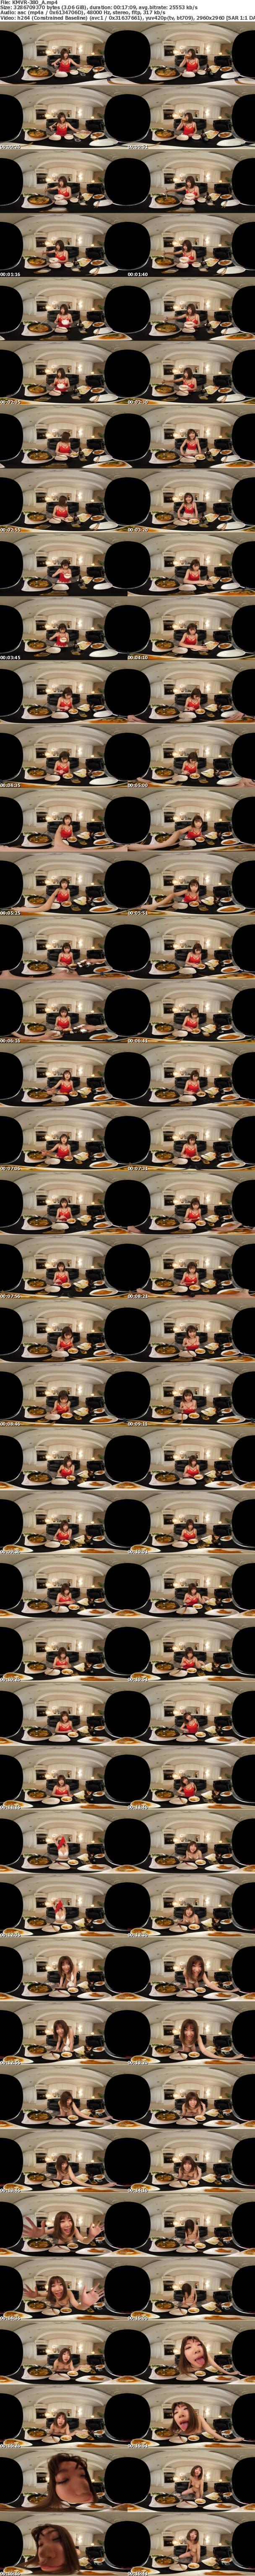 VR/3D [KMVR-380] 【VR】ビジュアル最高+スタイル抜群+性格最強の彼女とラブラブ鍋!本気で酔ってしまった彼女はいつもよりエッチになりLOVELOVEセックス!裸エプロンでバックハメ特典有り 石川祐奈【リアル映像】